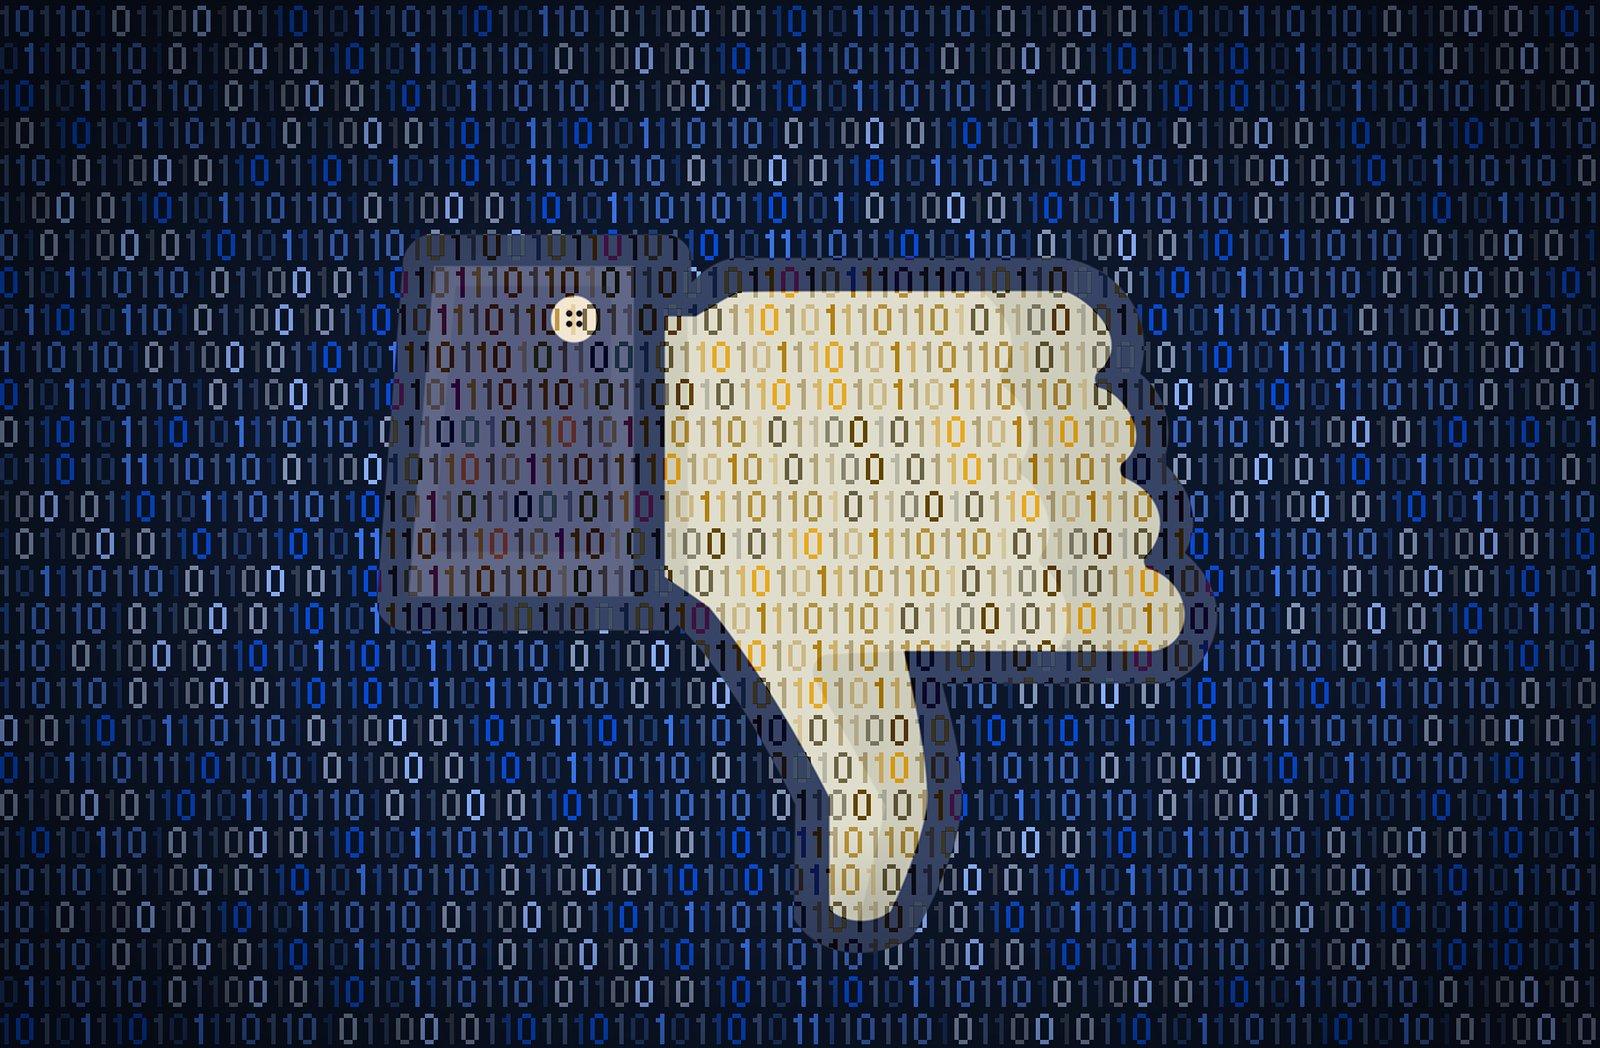 Razones por las que el engagement de las páginas en Facebook sigue cayendo